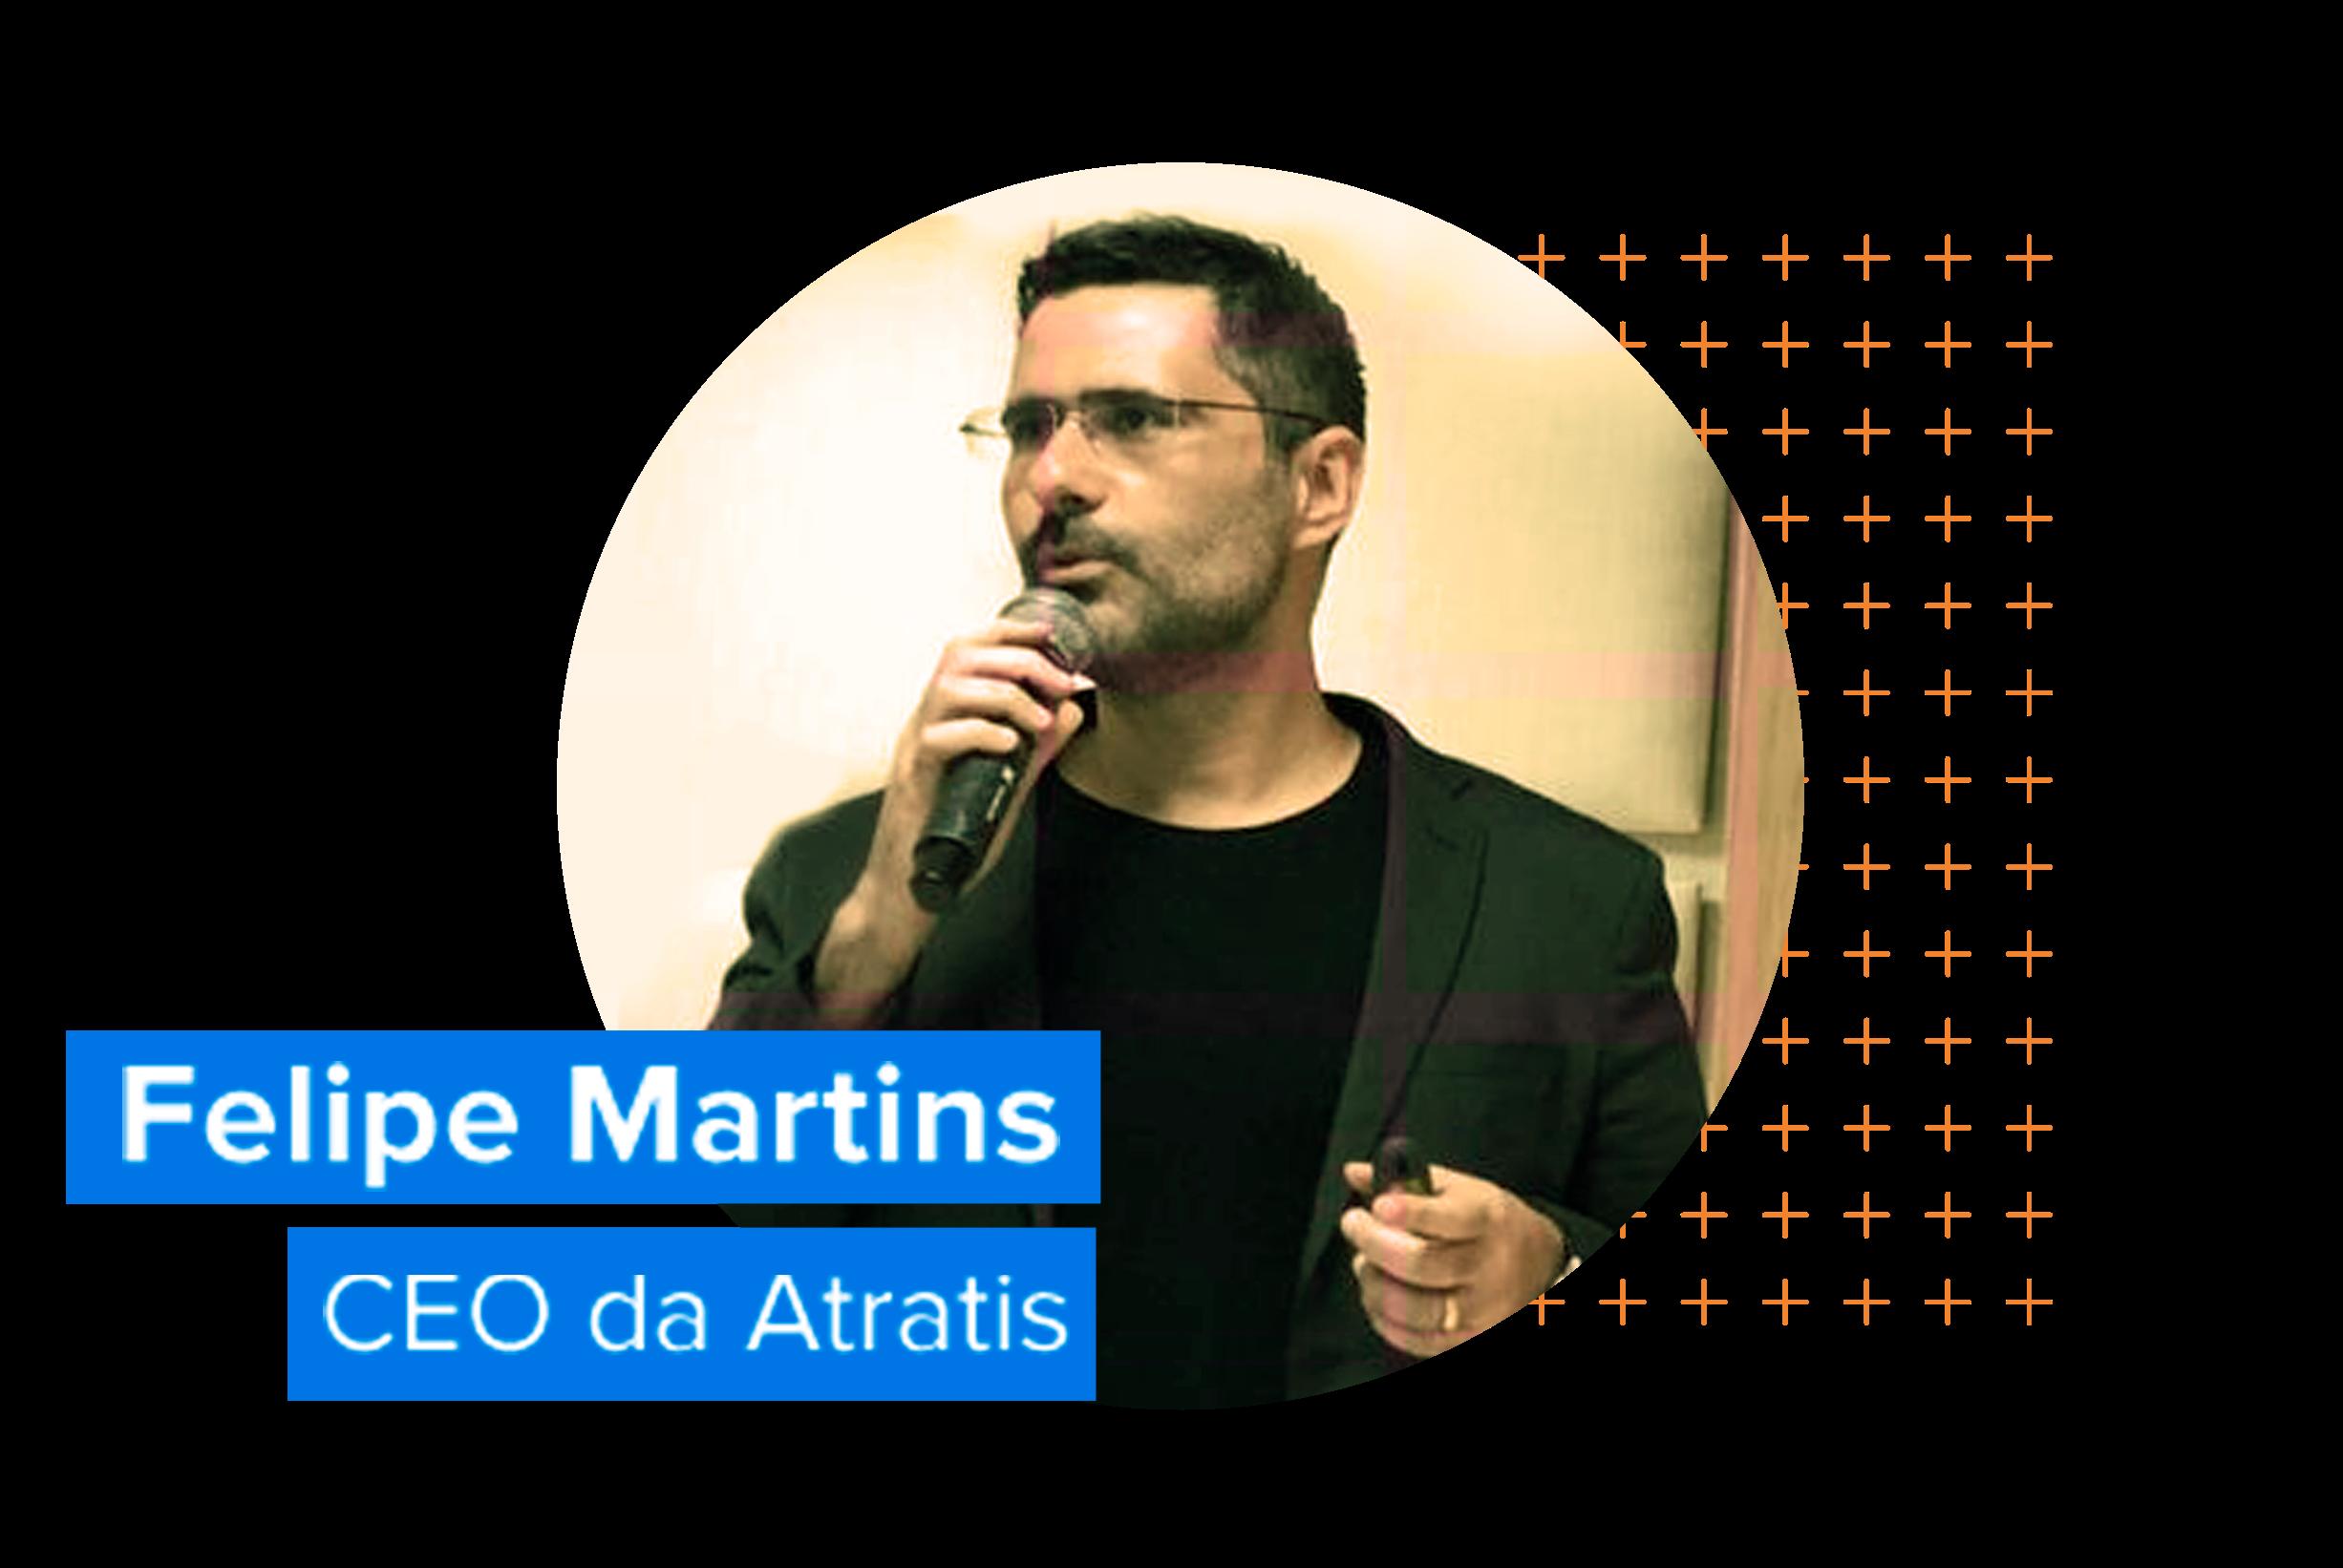 Felipe Martins - CEO da Atratis Digital